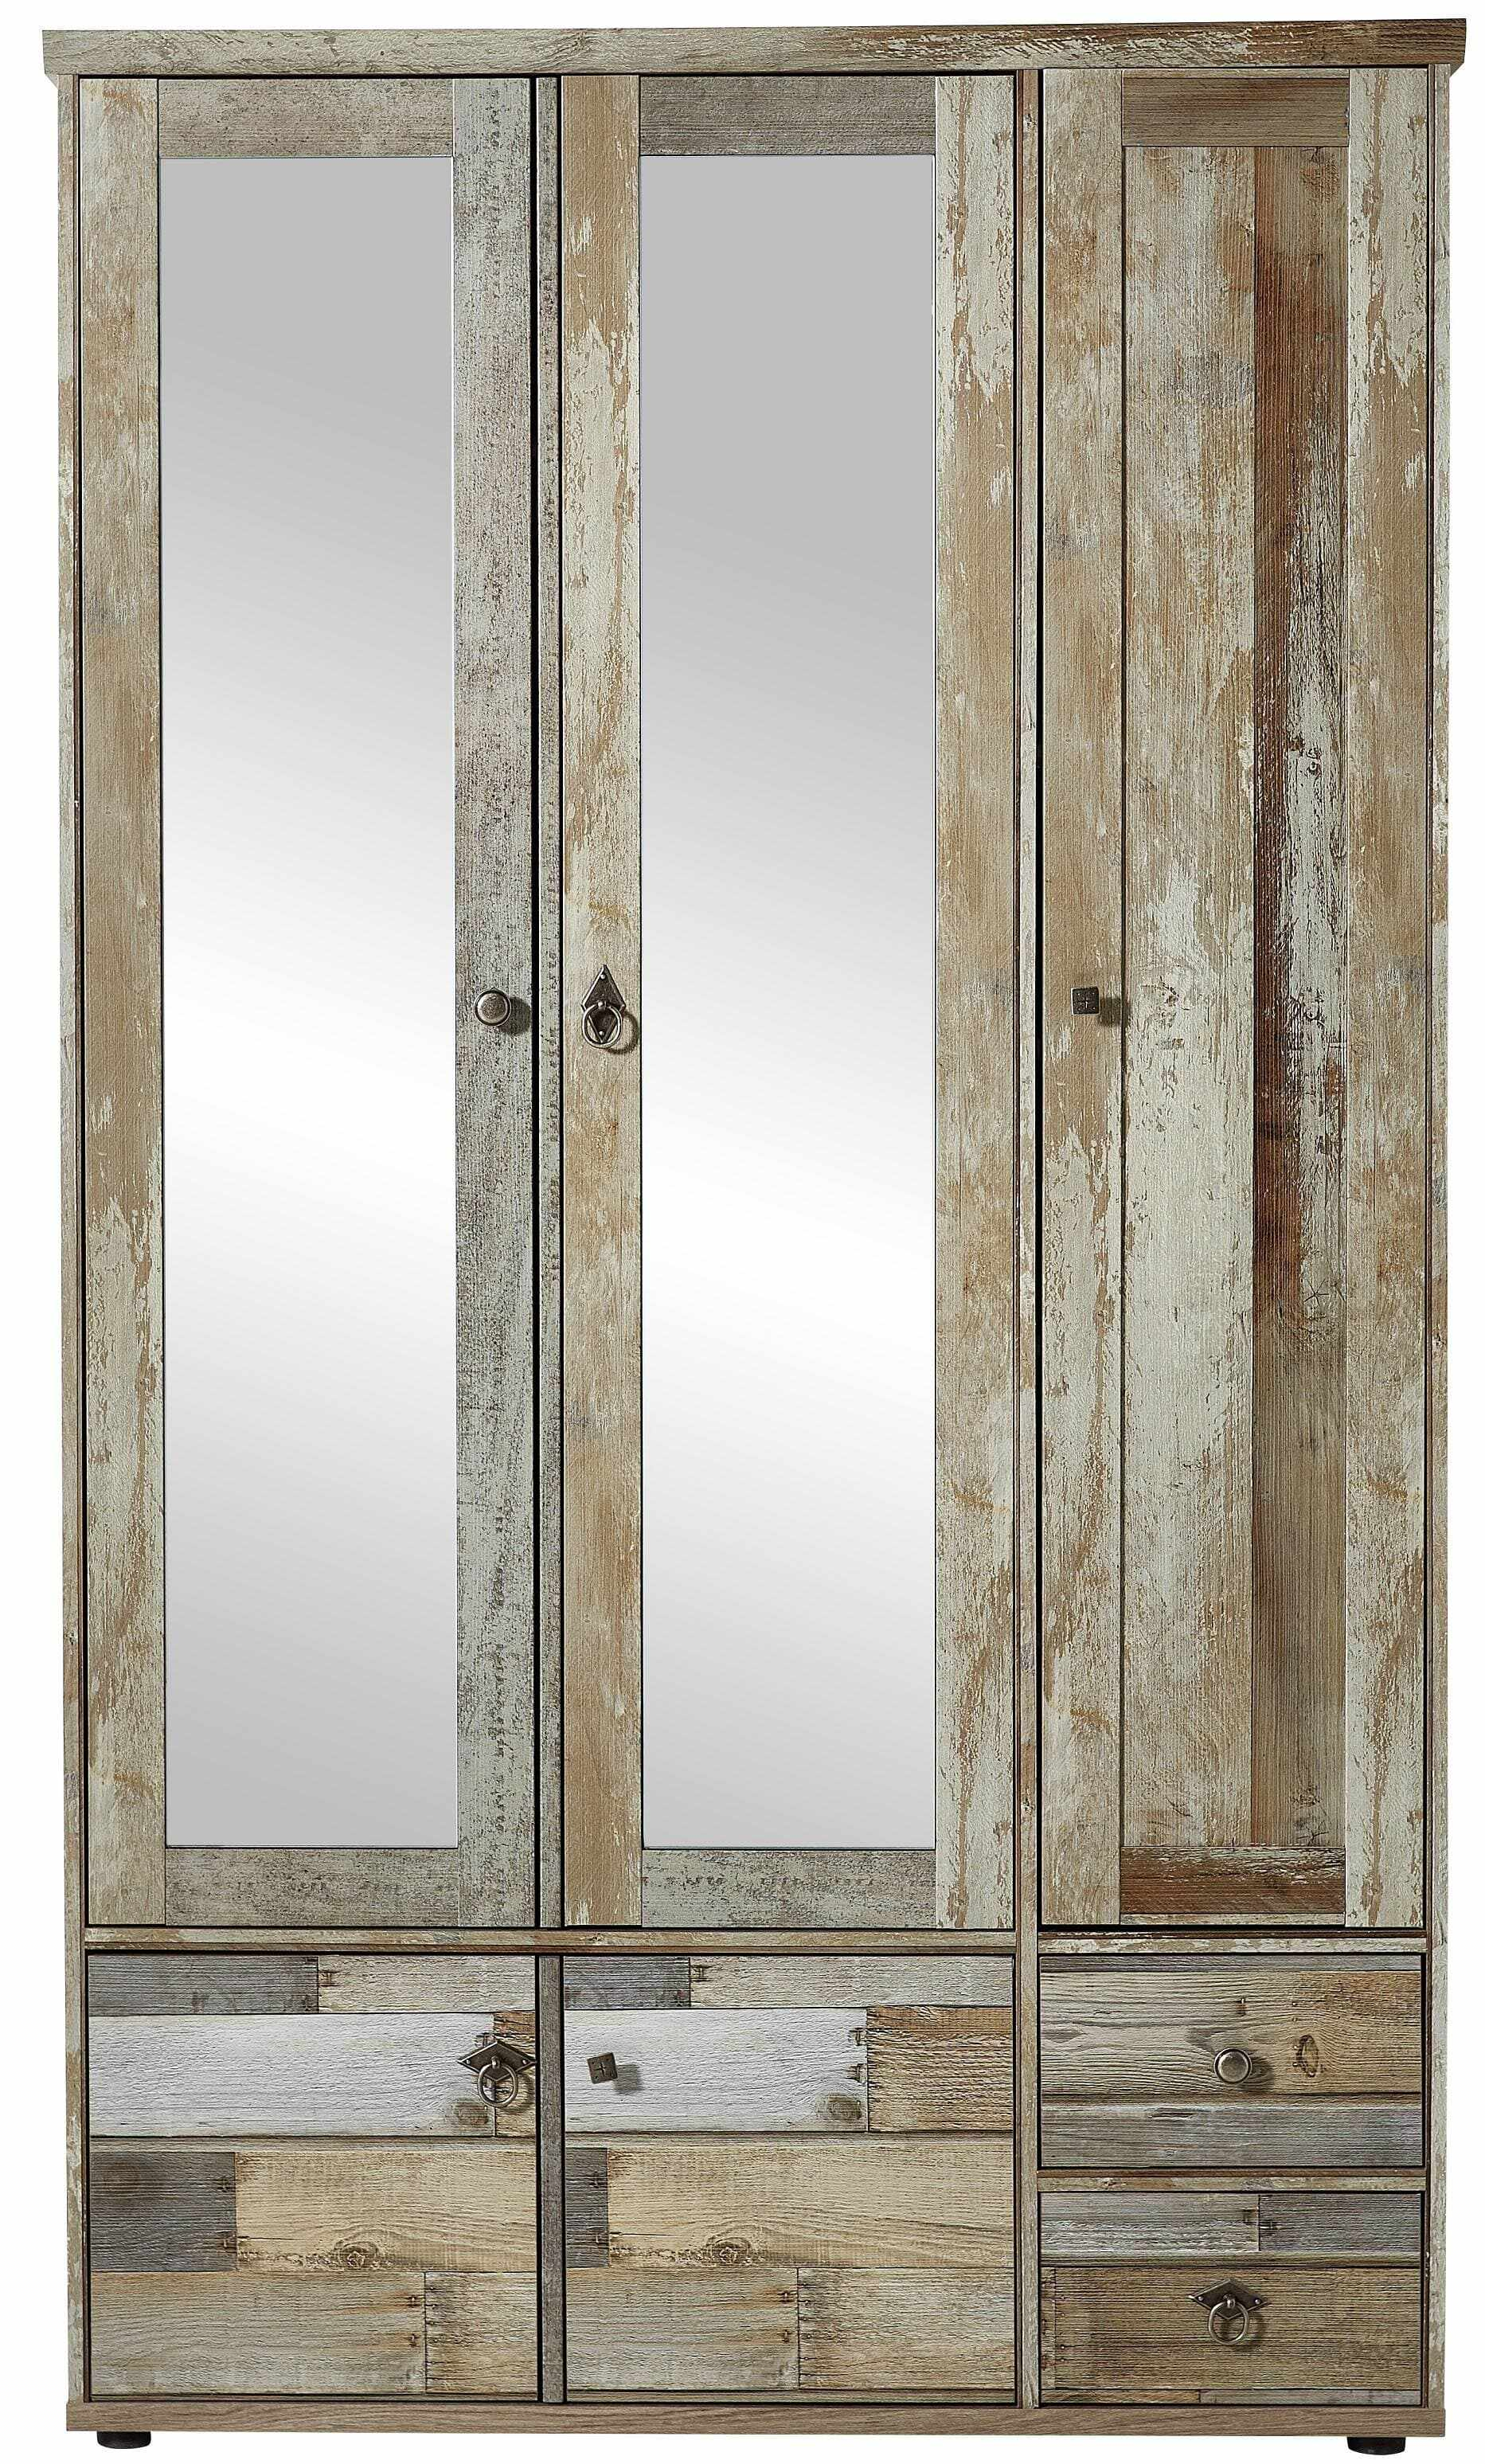 Dulap hol din pal cu oglinda, 5 usi si 2 sertare Bazna Natur / Gri inchis, l109xA40xH188 cm la pret 2477 lei